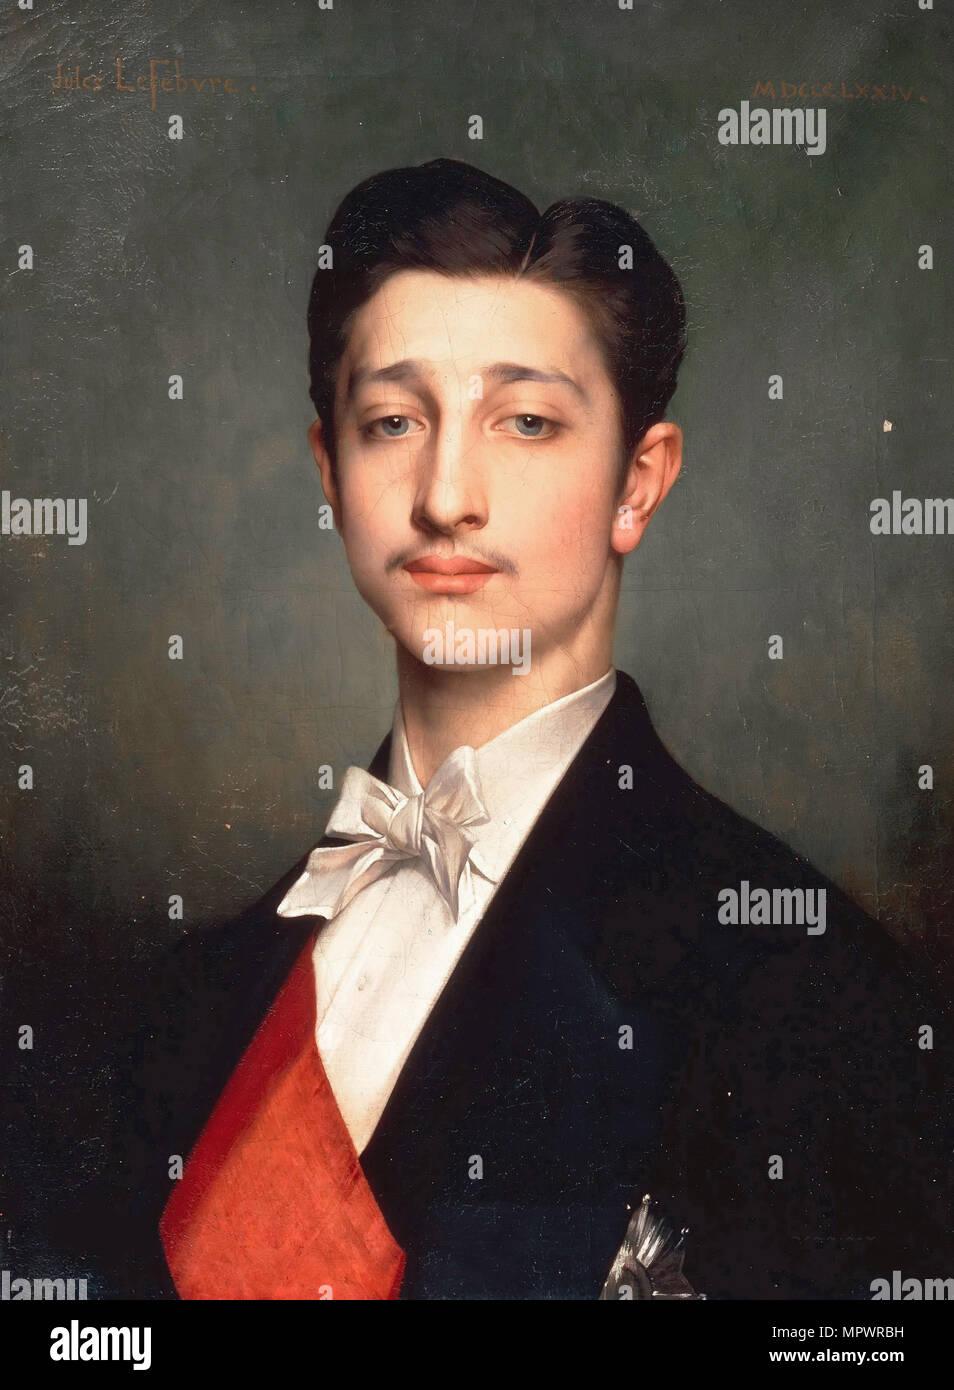 Louis-Napoléon Bonaparte (1856-1879), Prince Impérial, 1874. Banque D'Images